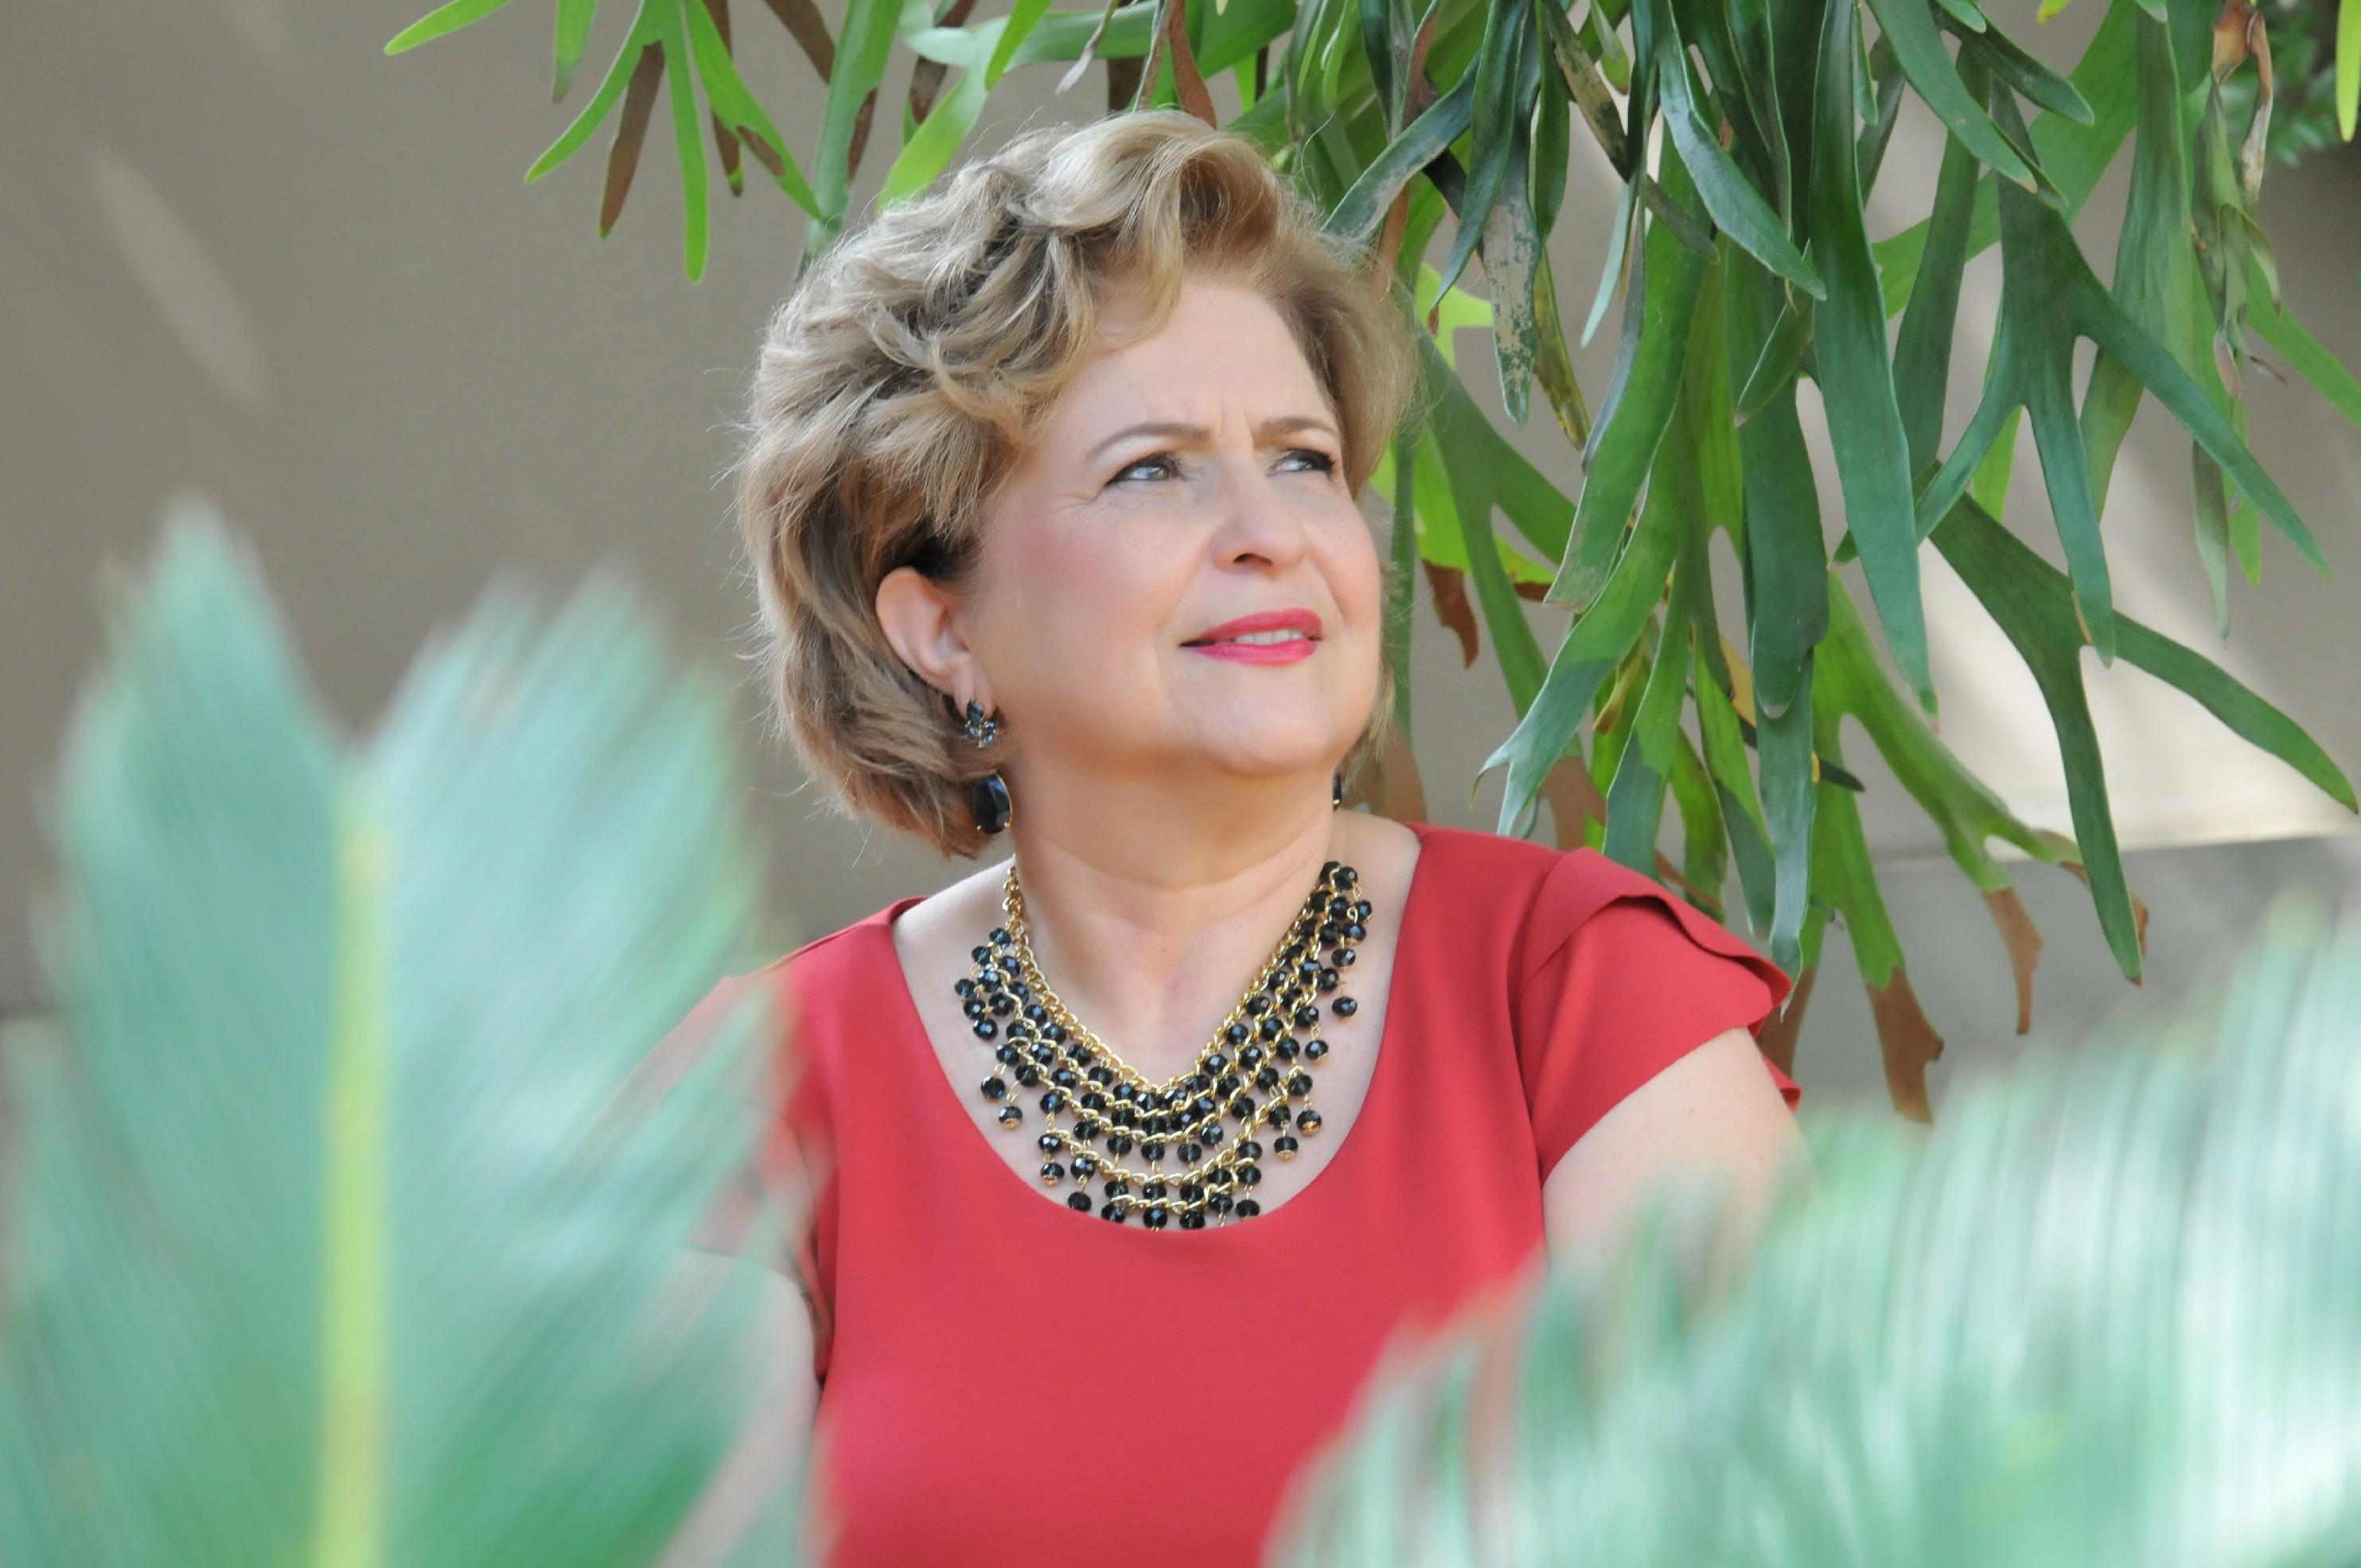 Cantora Cida Ajala apresenta show autoral inédito em Presidente Prudente nesta sexta-feira